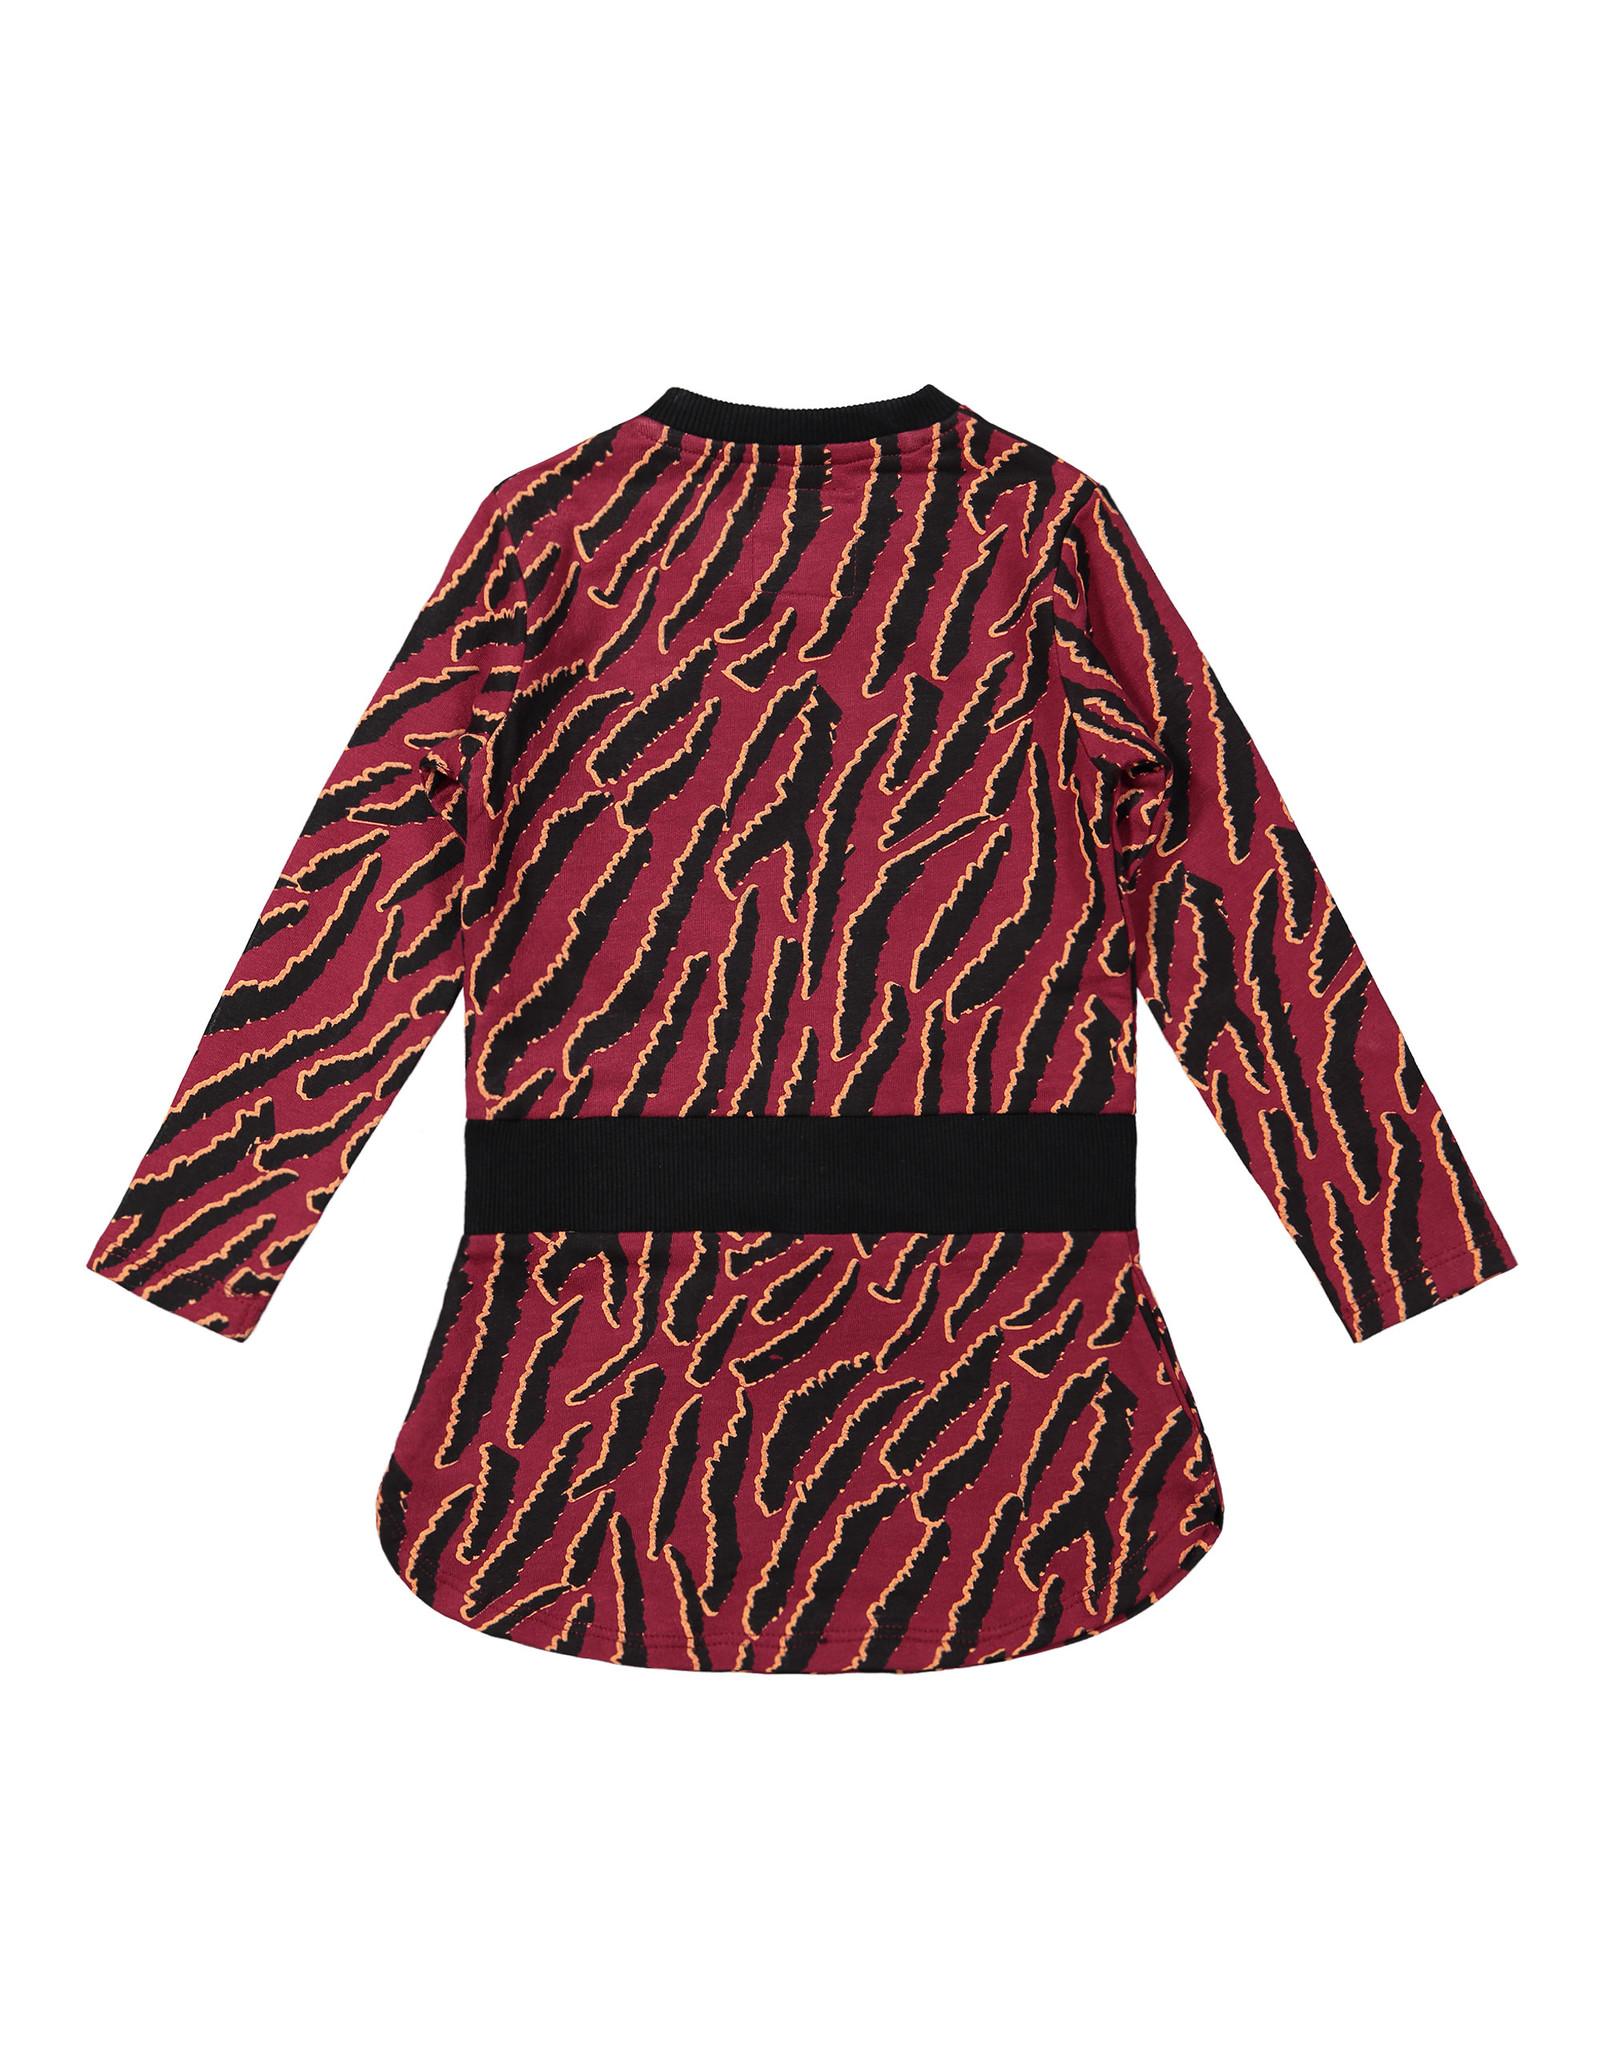 Koko Noko Koko Noko meisjes jurk met print Burgundy